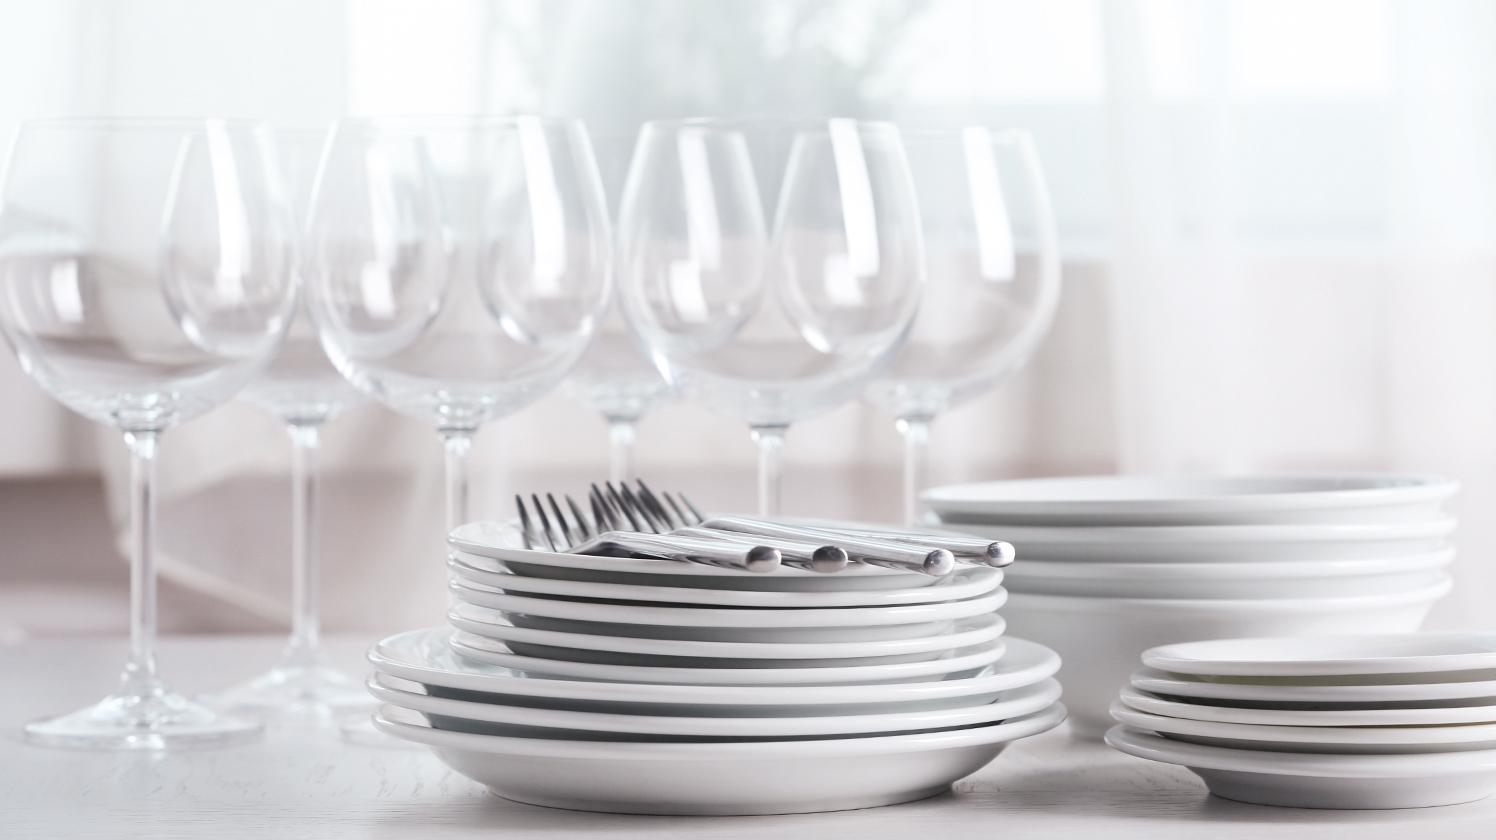 BRITA Wasser Catering Gläser und Geschirr